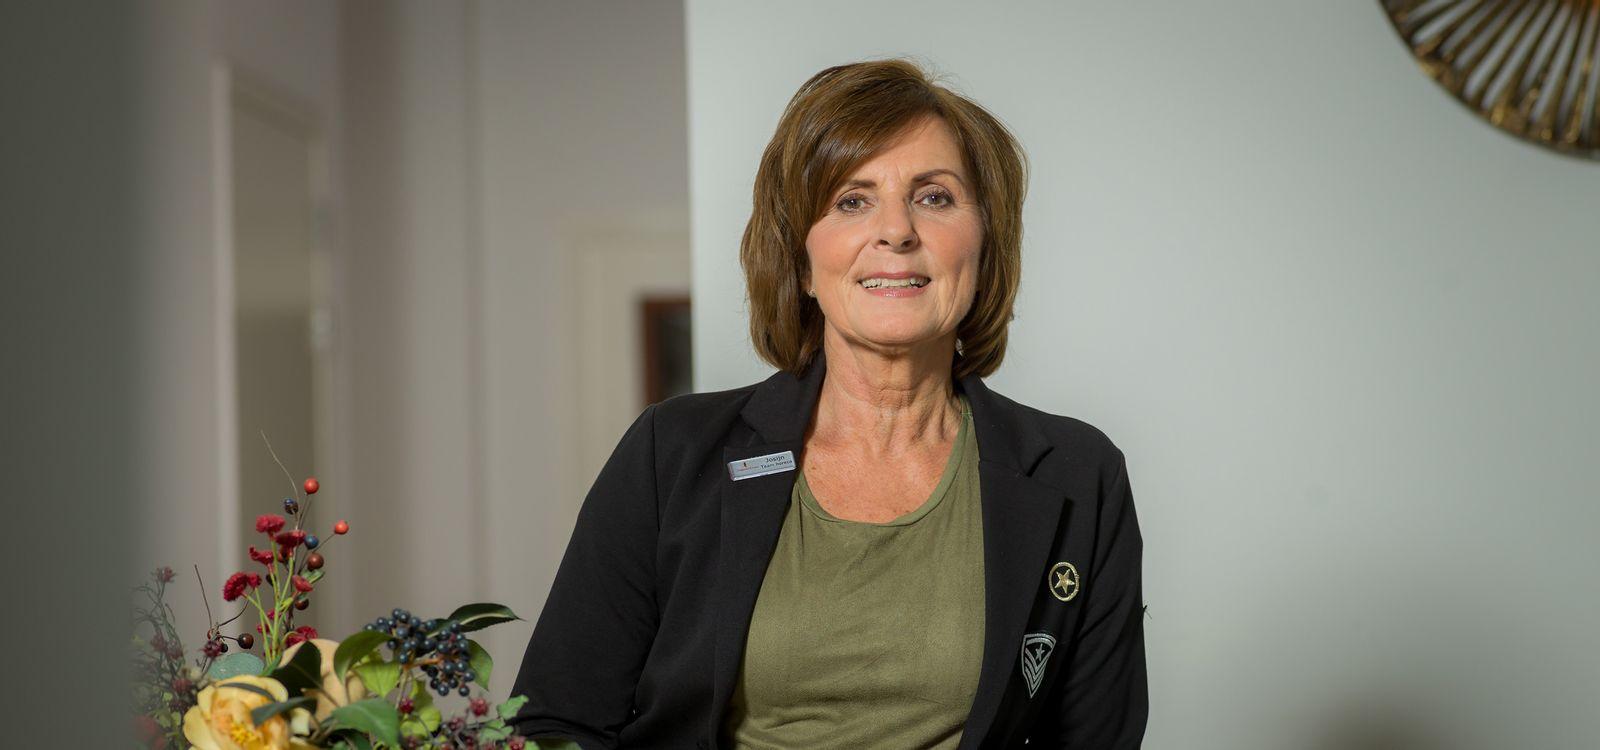 Zorggroep De Laren Karin van der Poel